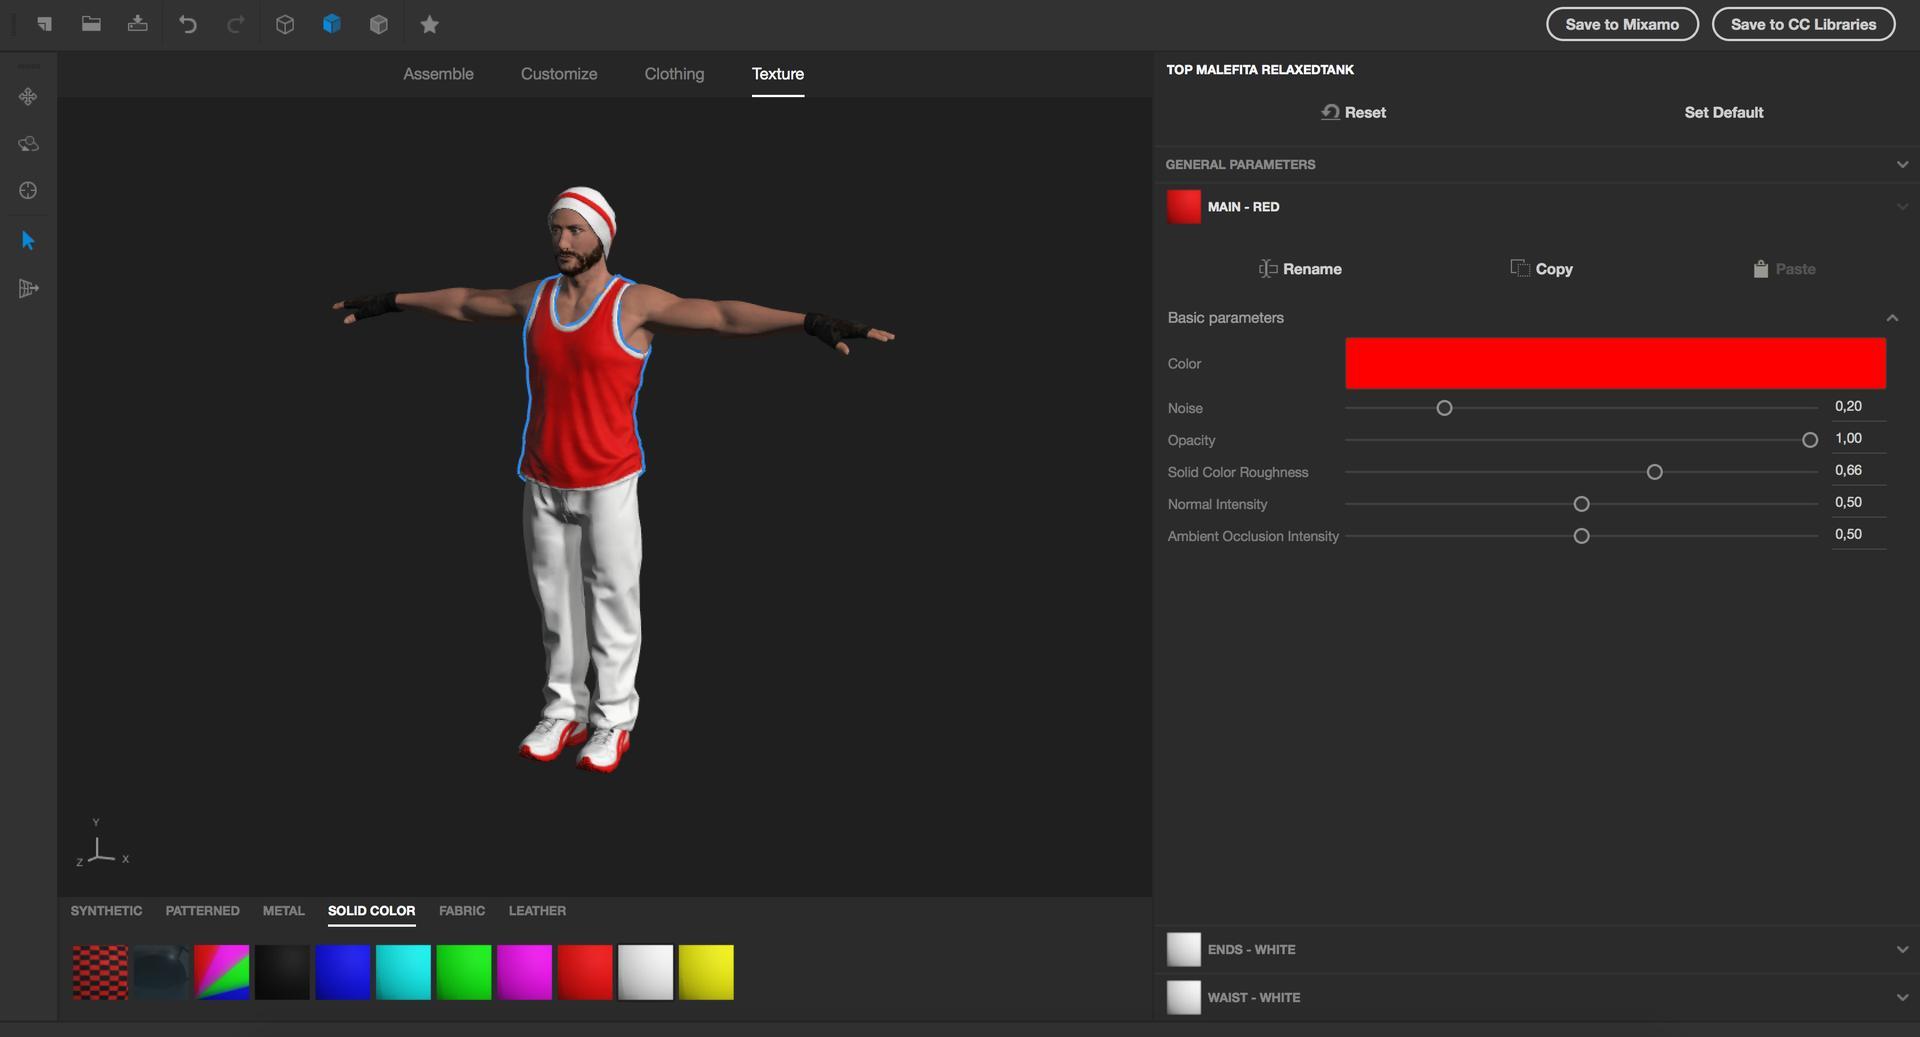 3D моделирование и анимация: руководство для начинающих - 13